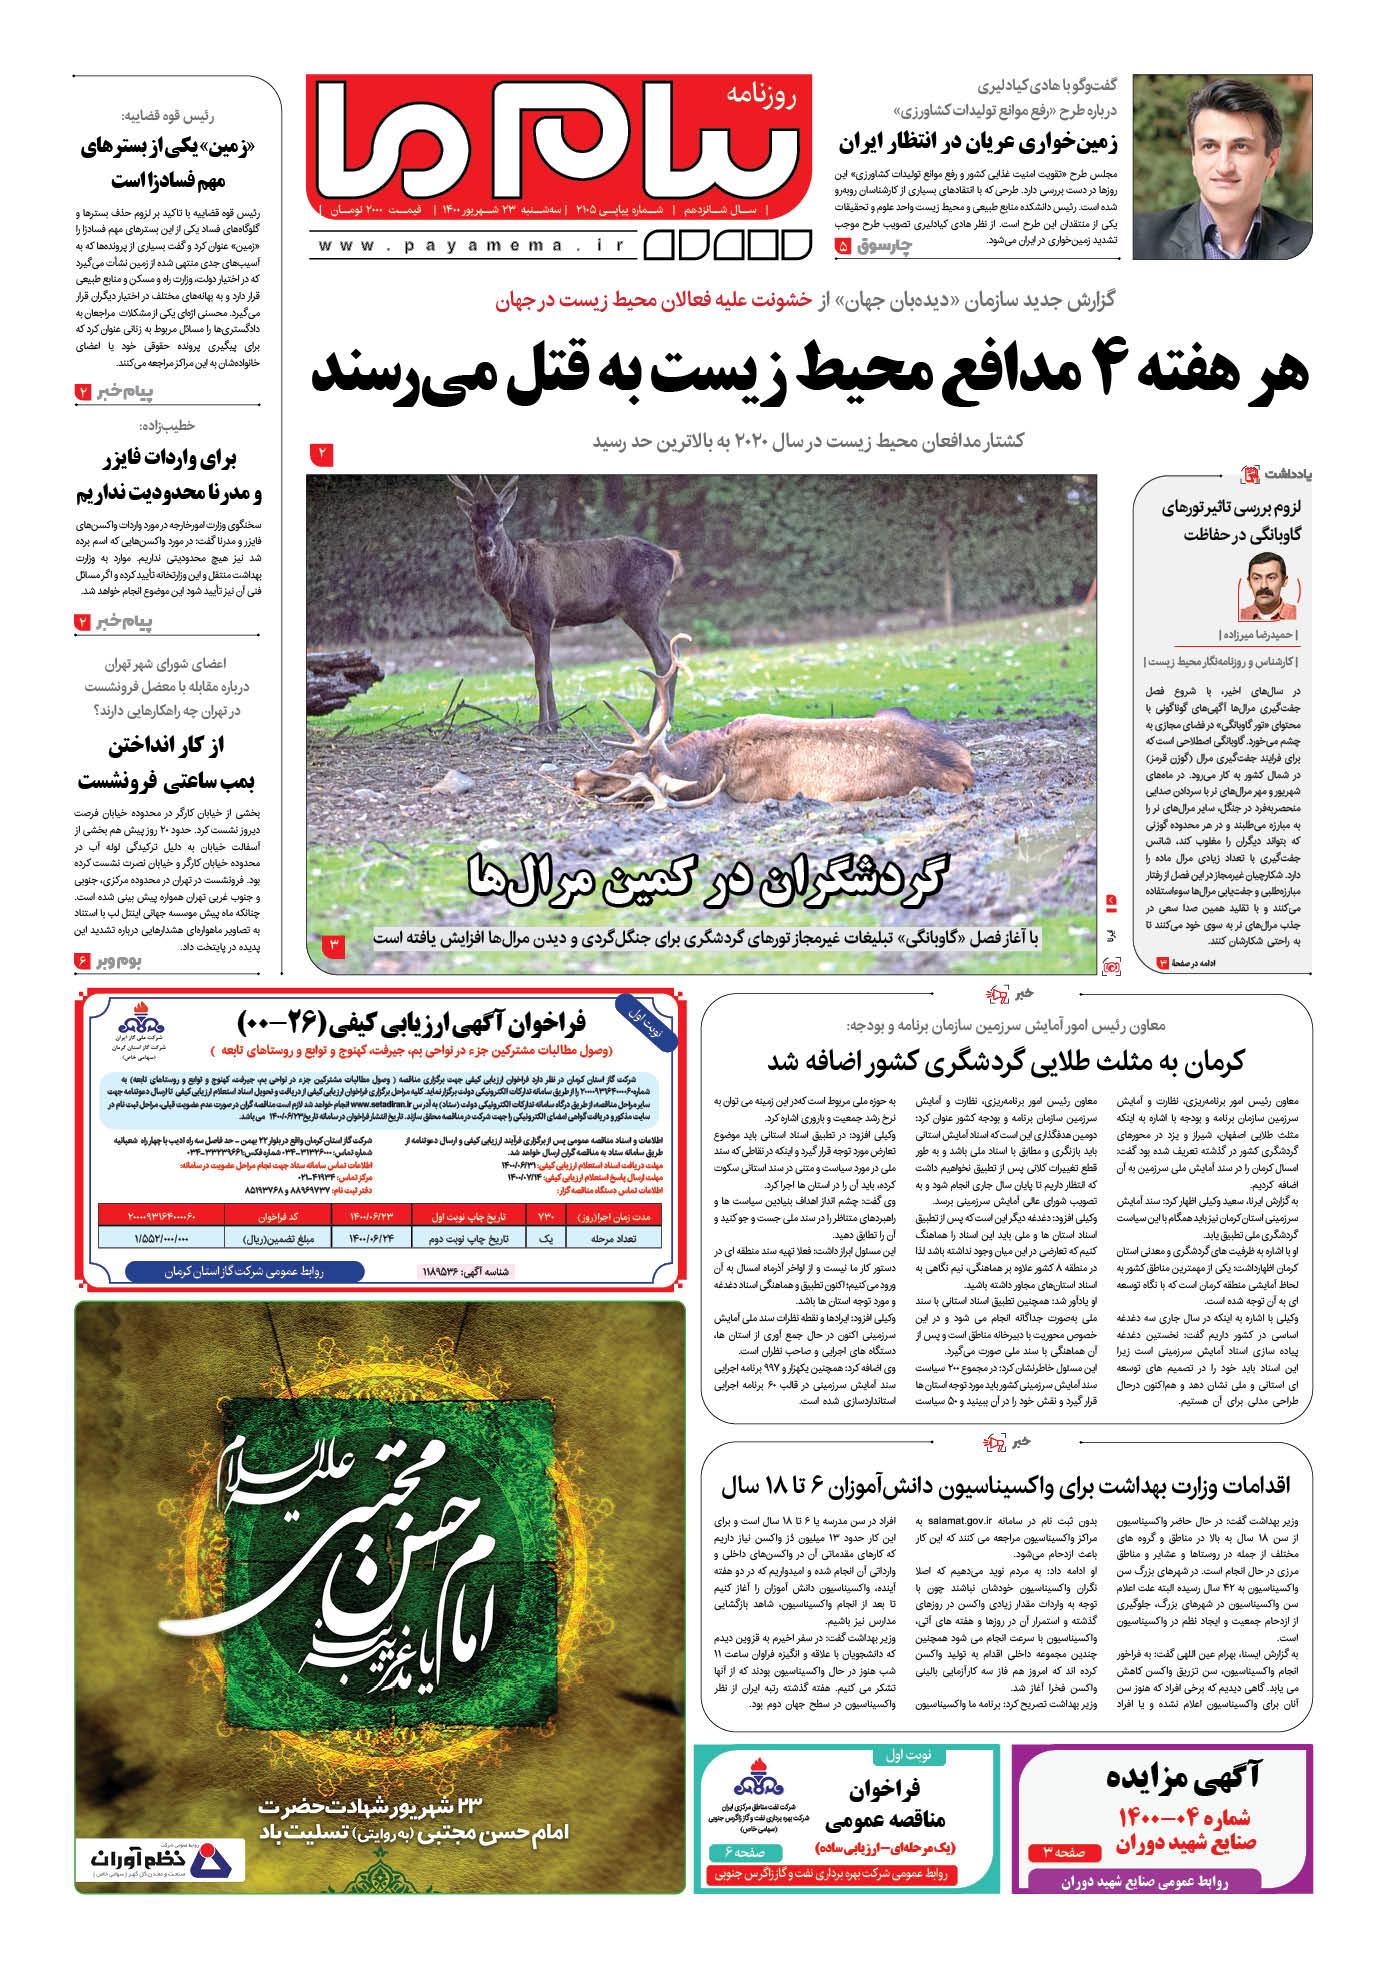 صفحه اول شماره 2105 روزنامه پیام ما